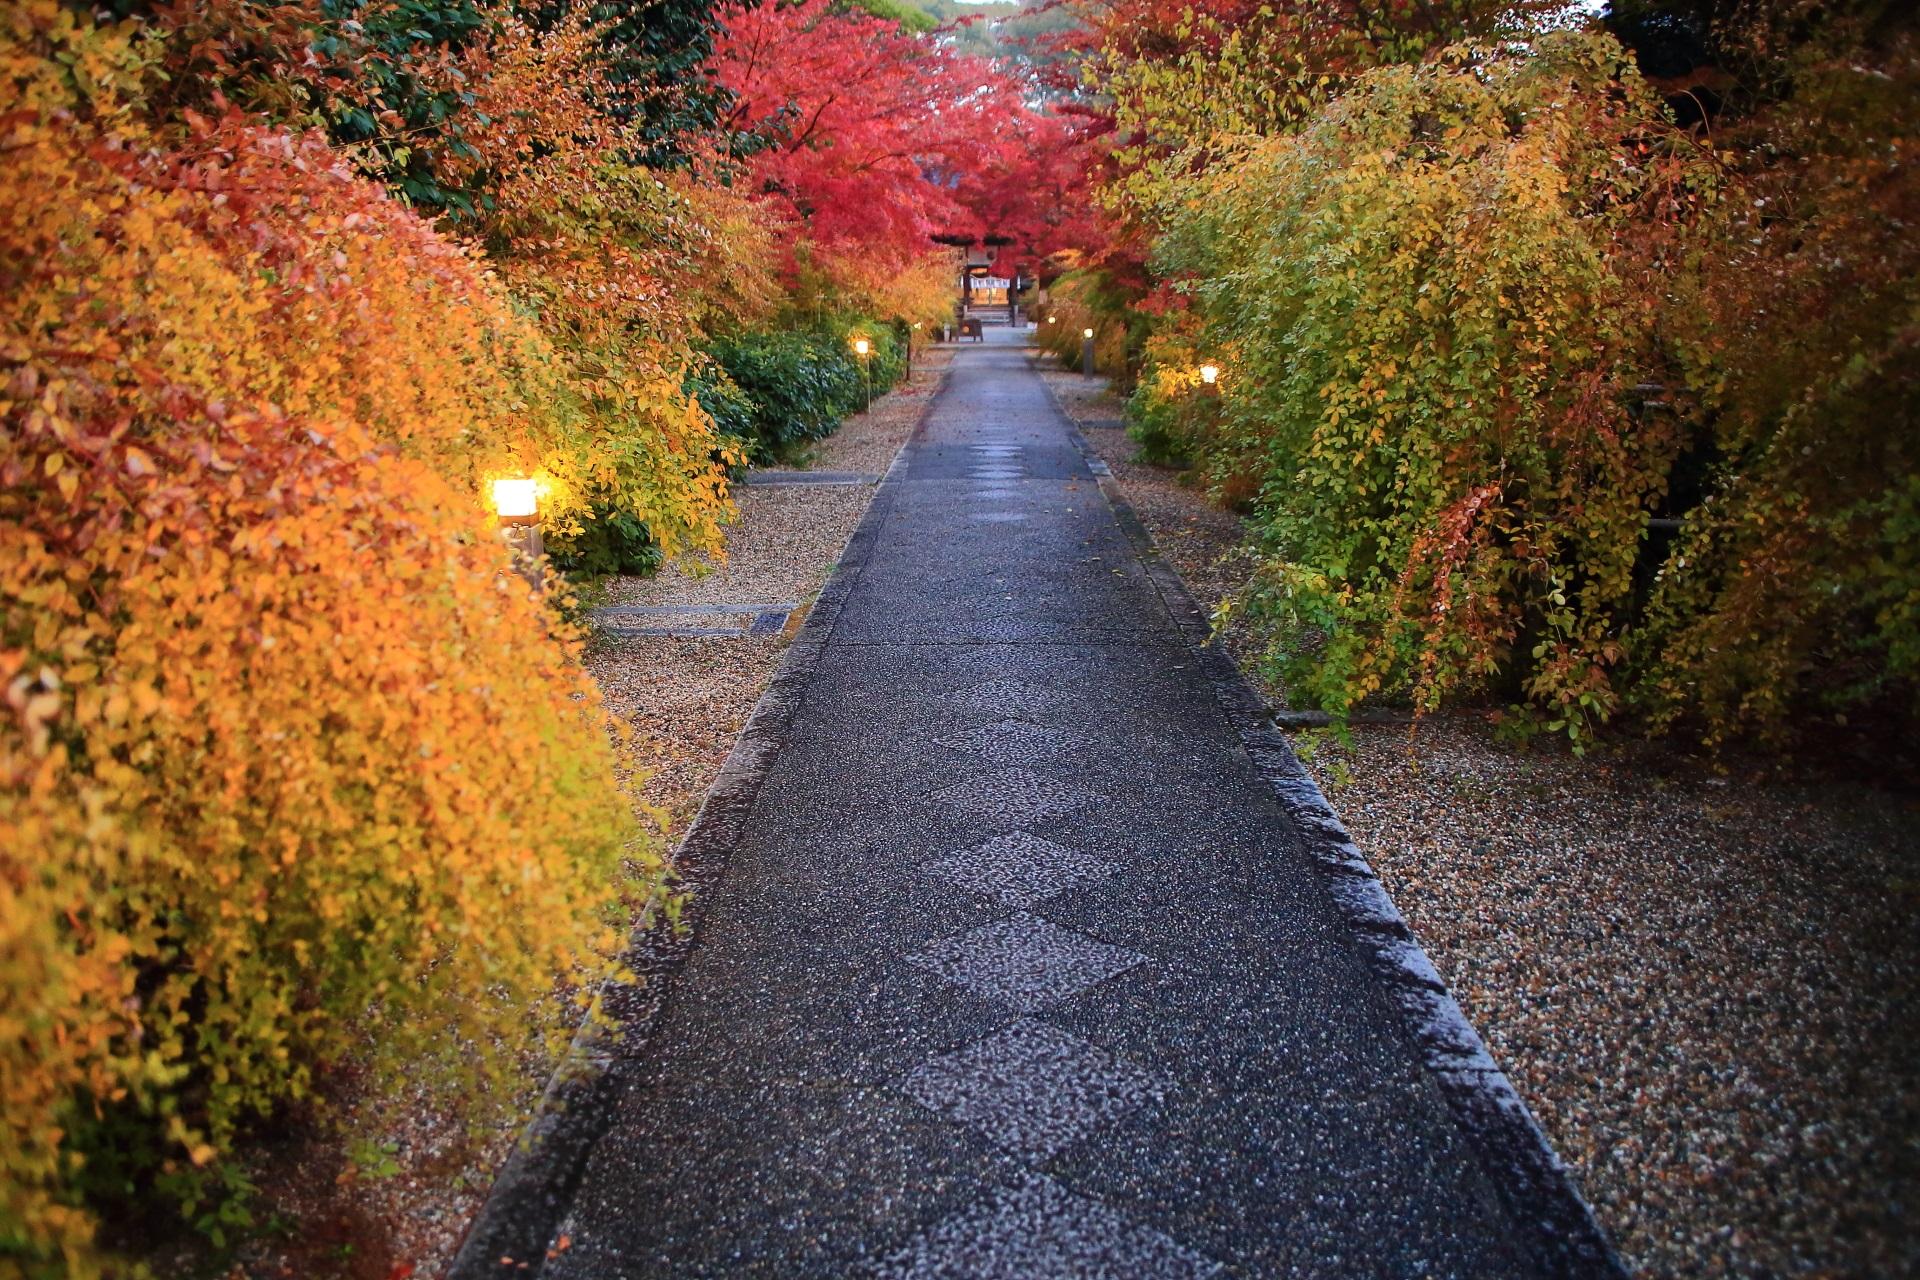 梨木神社の参道の素晴らしい紅葉や秋色の情景